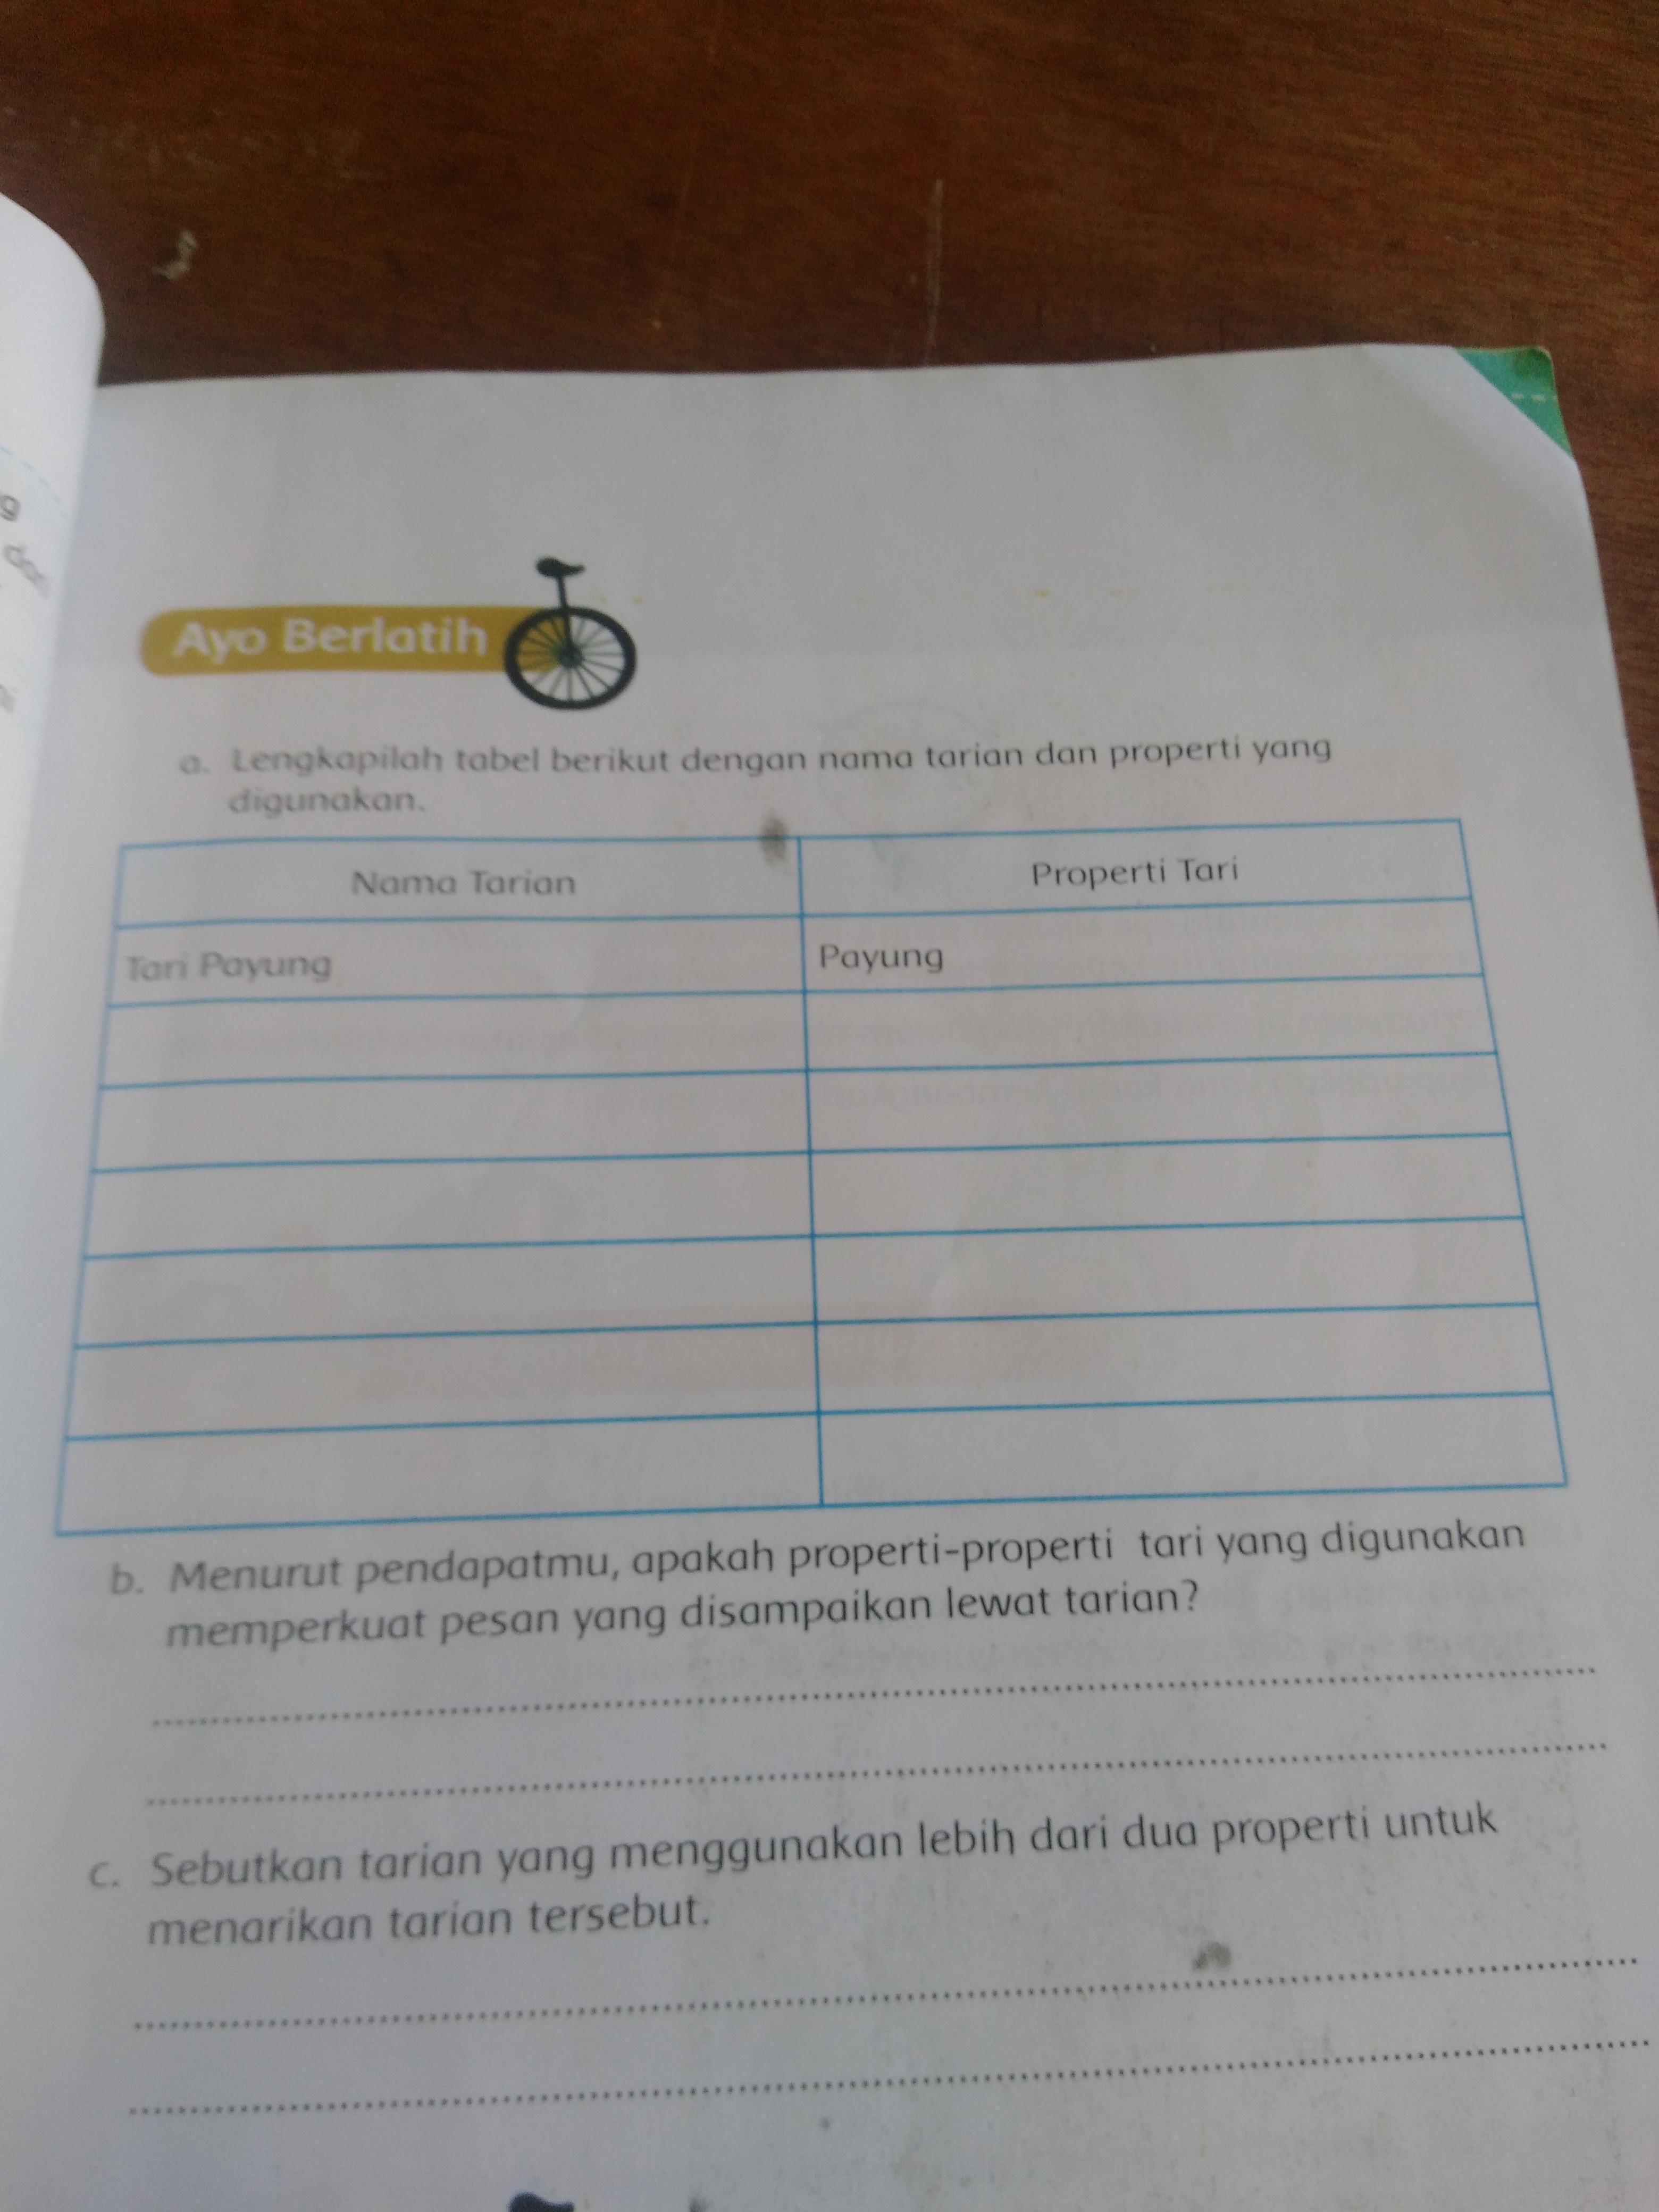 Properti Tari Payung : properti, payung, HALAMAN, Tarian, Properti, Payung., Payung, Brainly.co.id